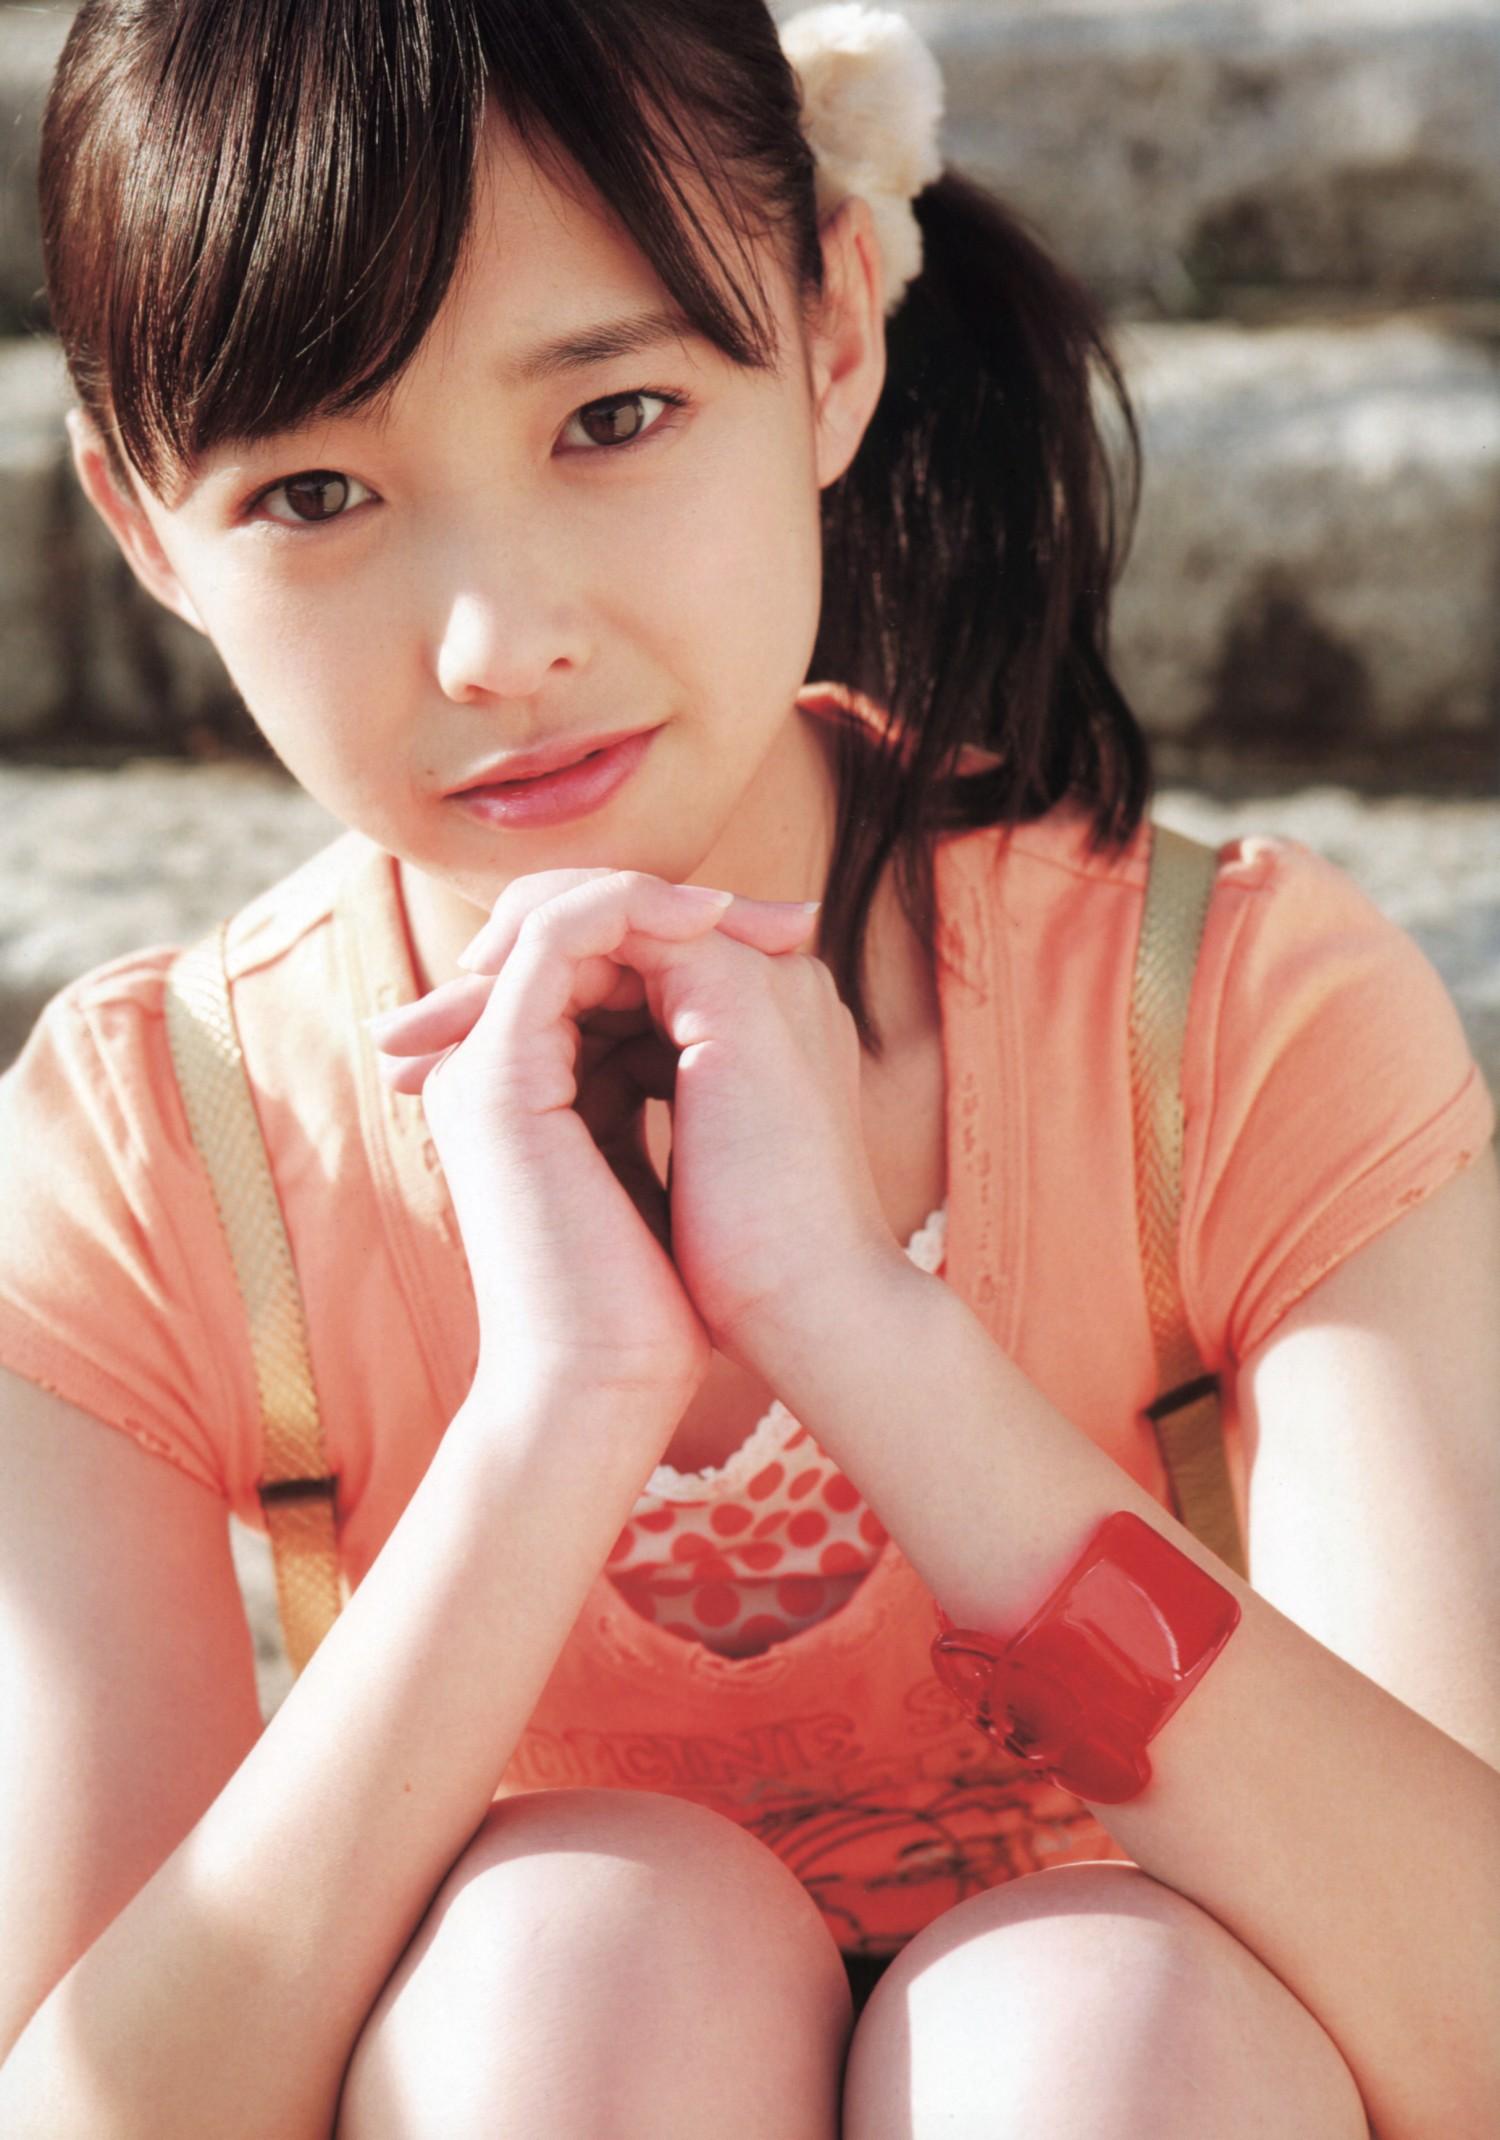 Süßer junger Japaner 13